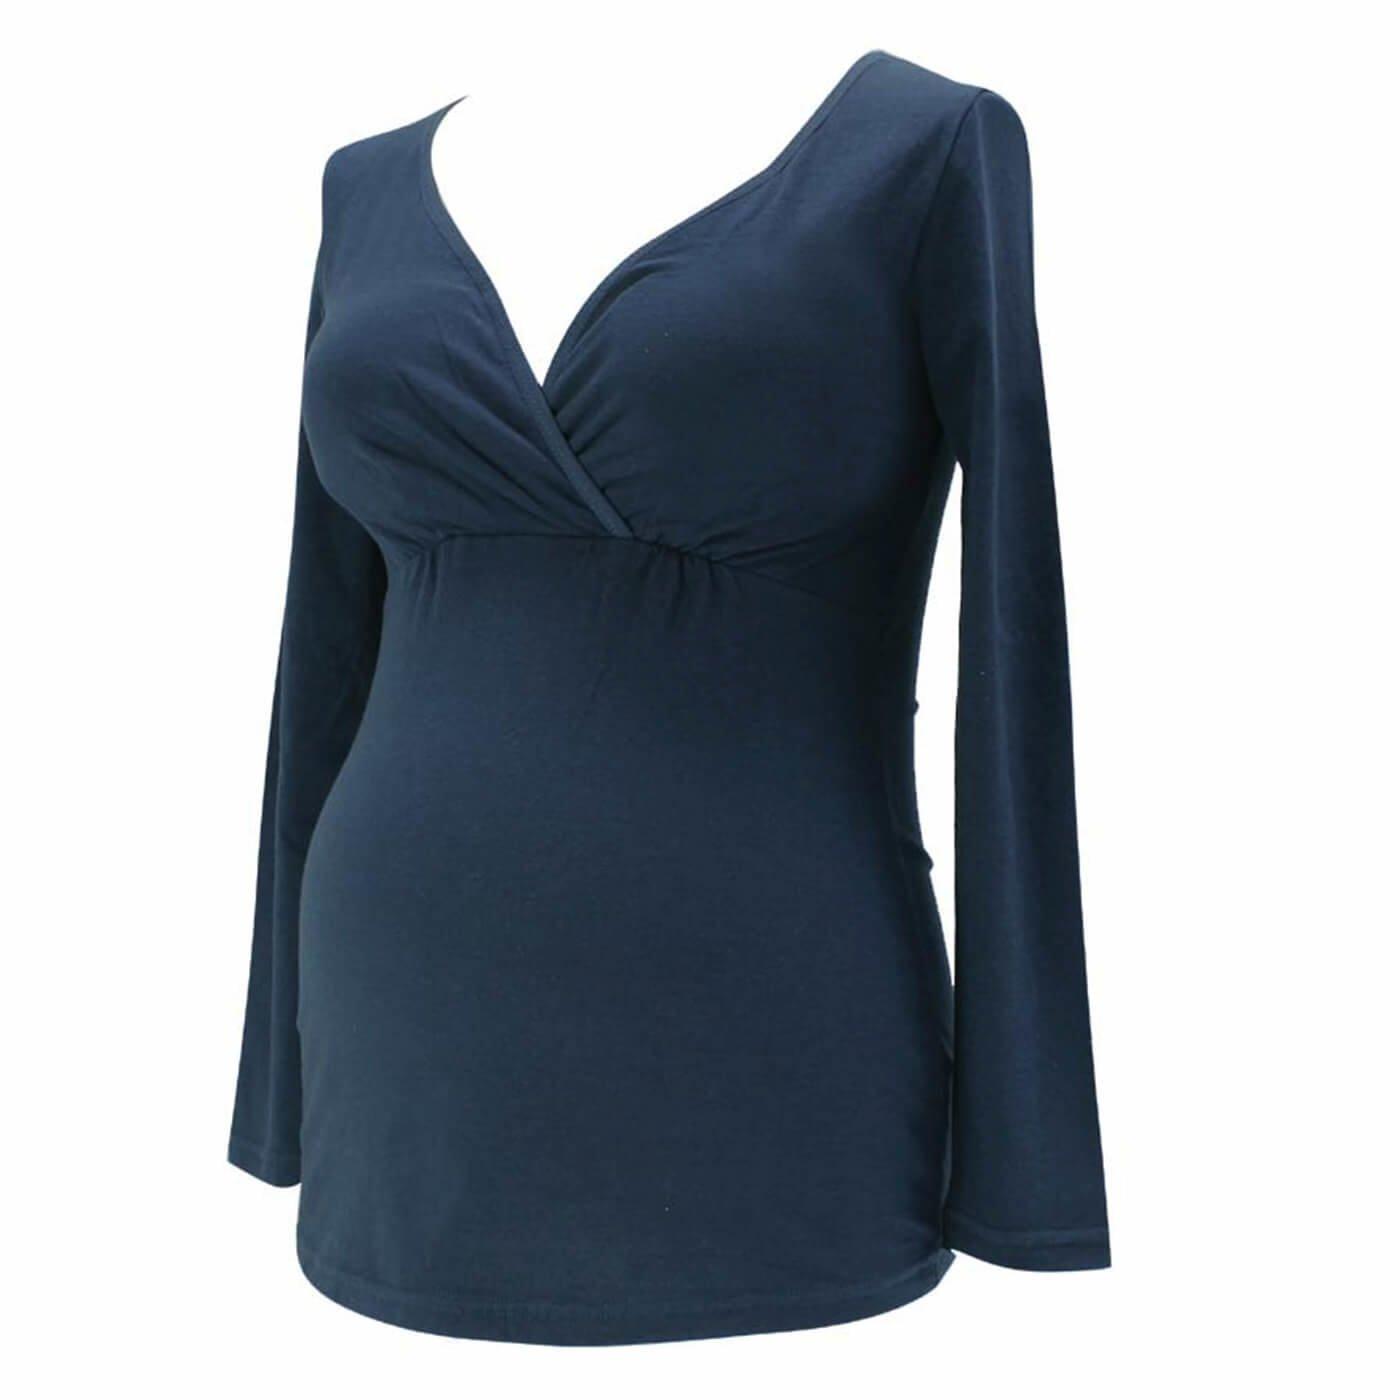 マタニティ・産後使える 綿100%の授乳らくらく長袖インナートップス〈ネイビー〉